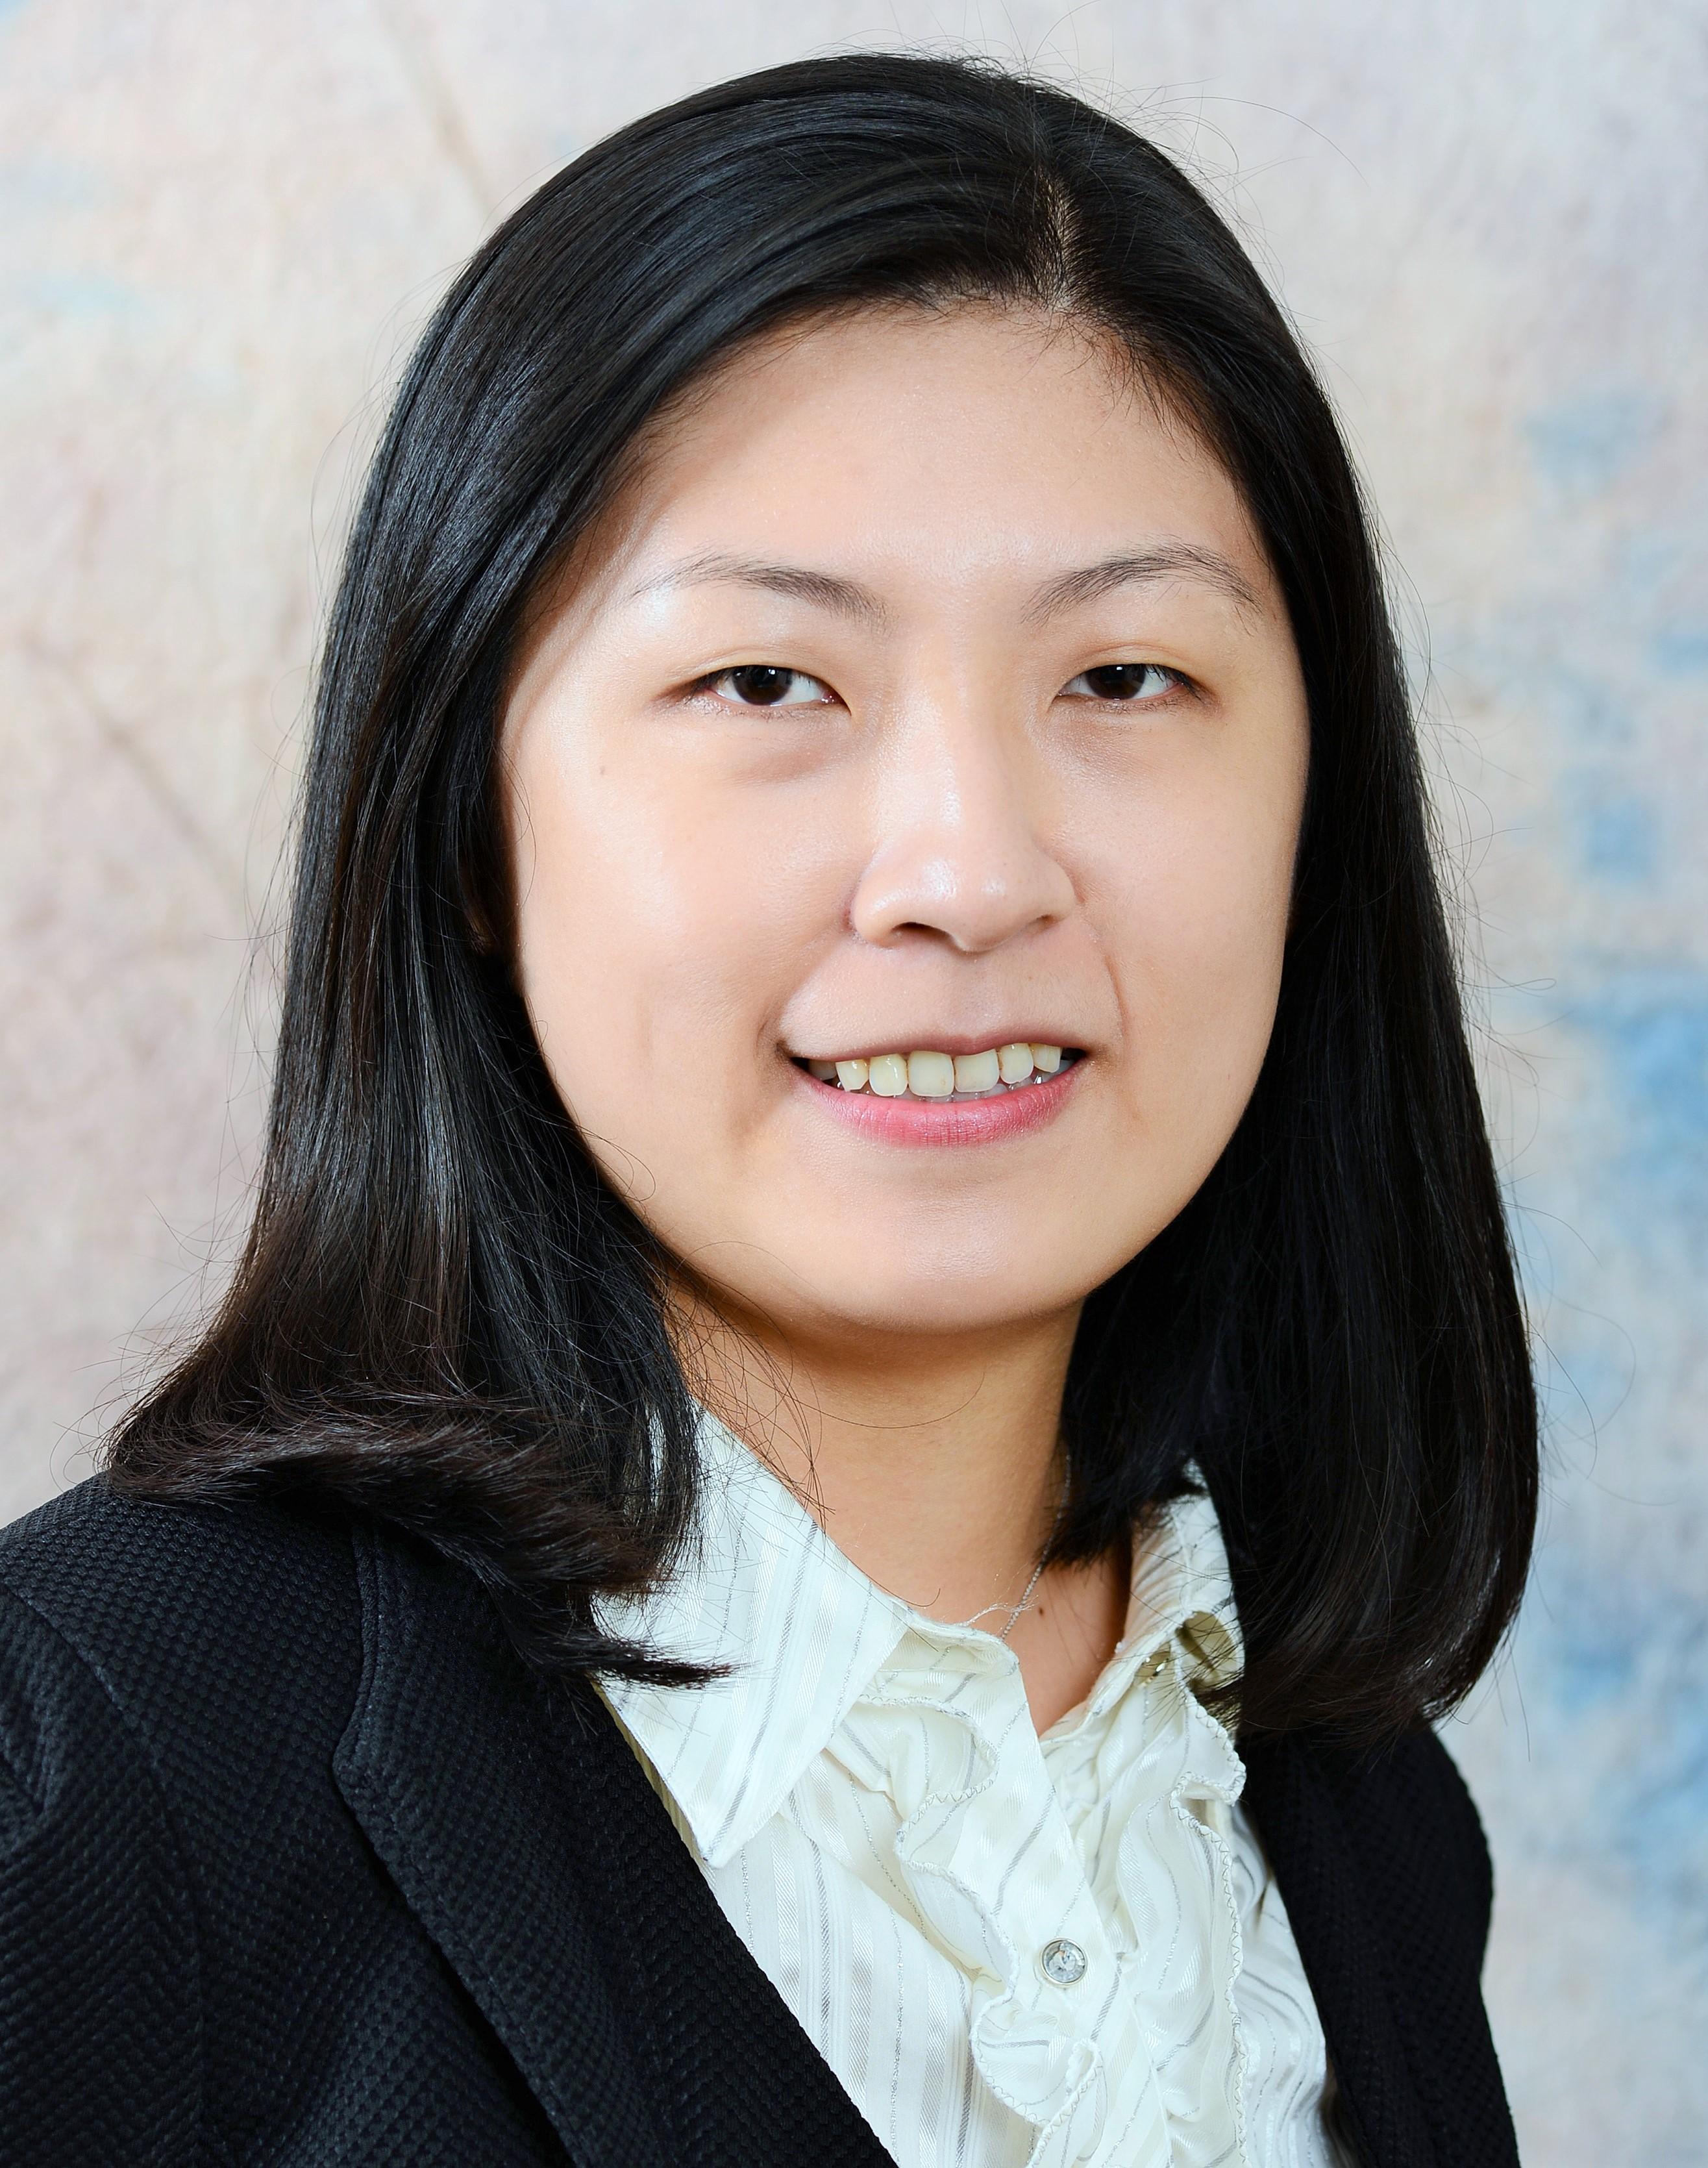 Pei-Chen Su